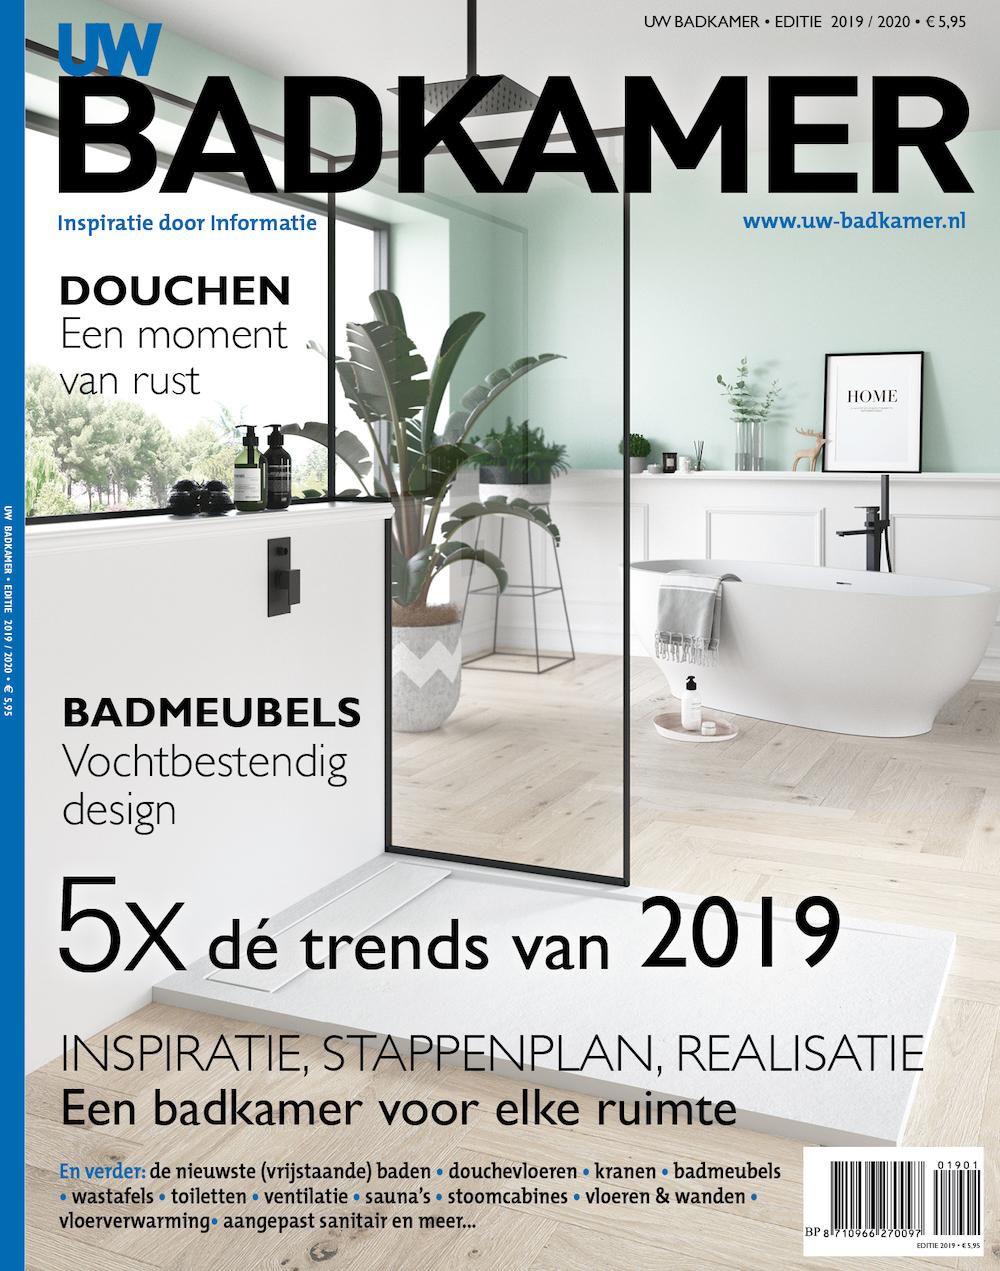 Badkamer magazine. Badkamerinspiratie, badkamer verbouwen, nieuwe badkamer #badkamer #badkamerinspiratie #informatie #verbouwen #badkamertrends